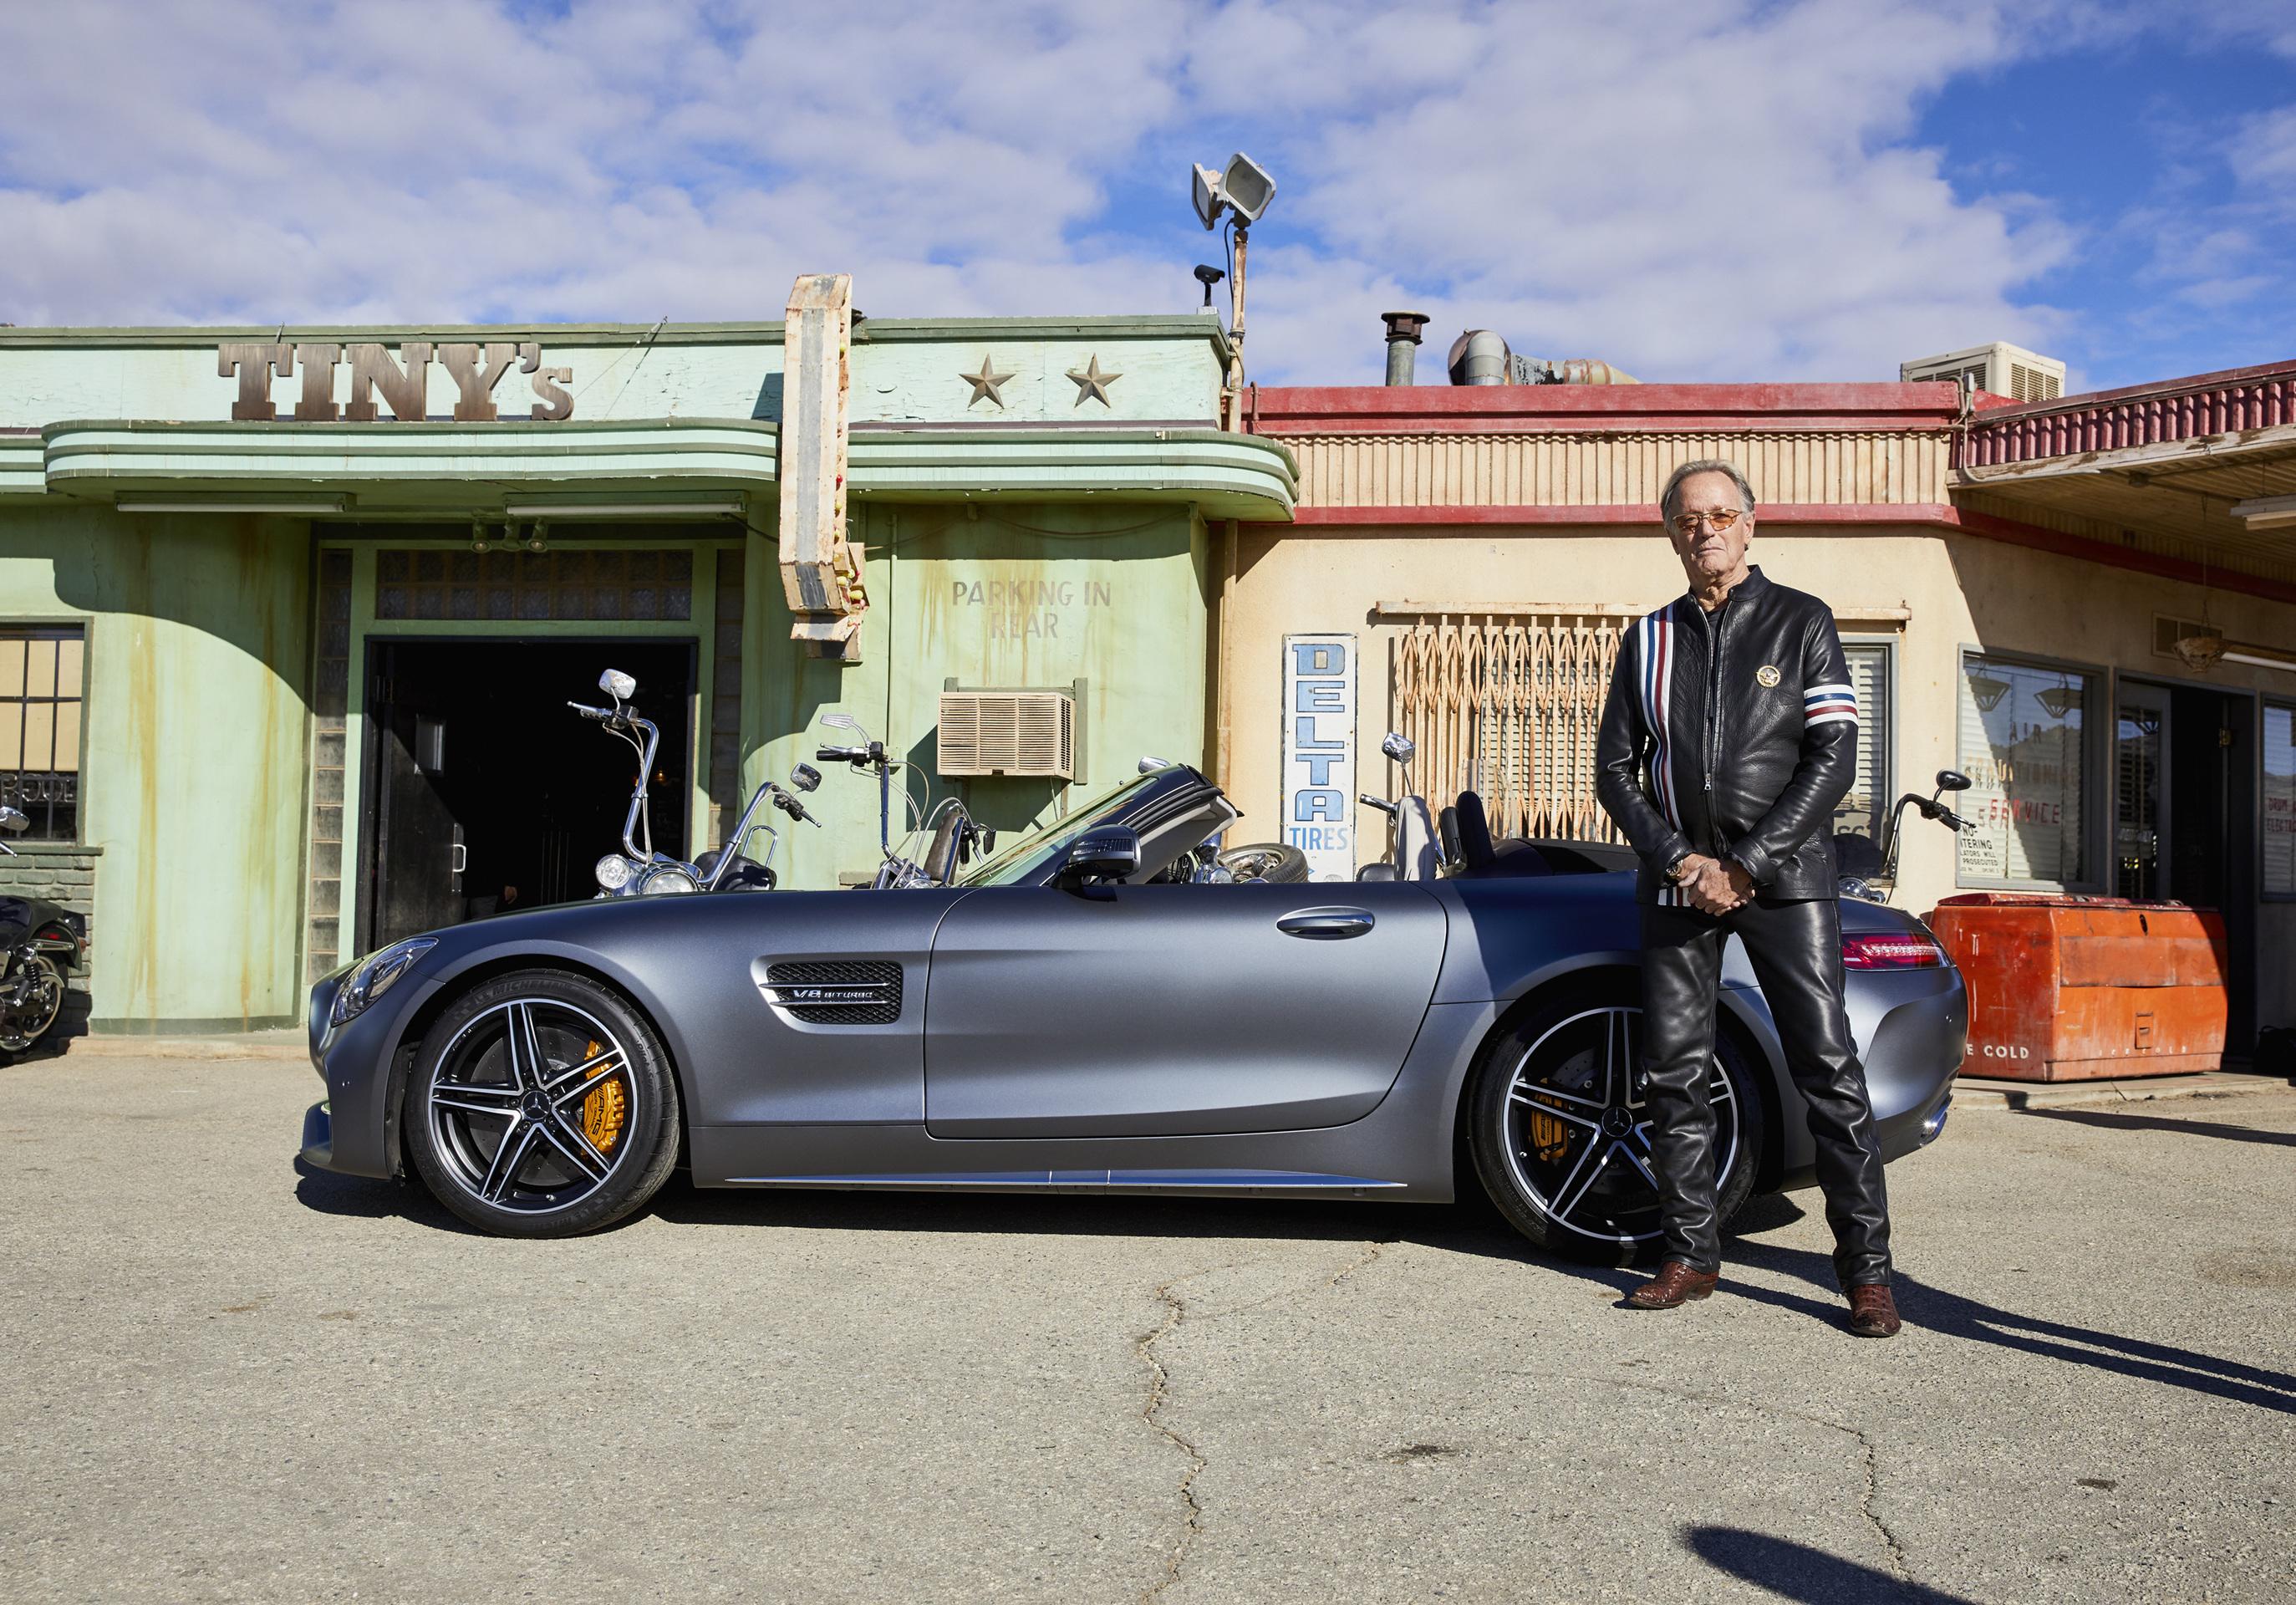 """Eindrücke des Films """"Easy Driver"""" der Oscar Gewinner Joel and Ethan Coen für das amerikanische Football-Finale, mit Peter Fonda und dem neuen Mercedes-AMG GT Roadster. ;Kraftstoffverbrauch kombiniert: 11.4 l/100 km, CO2-Emissionen kombiniert: 259 g/km"""